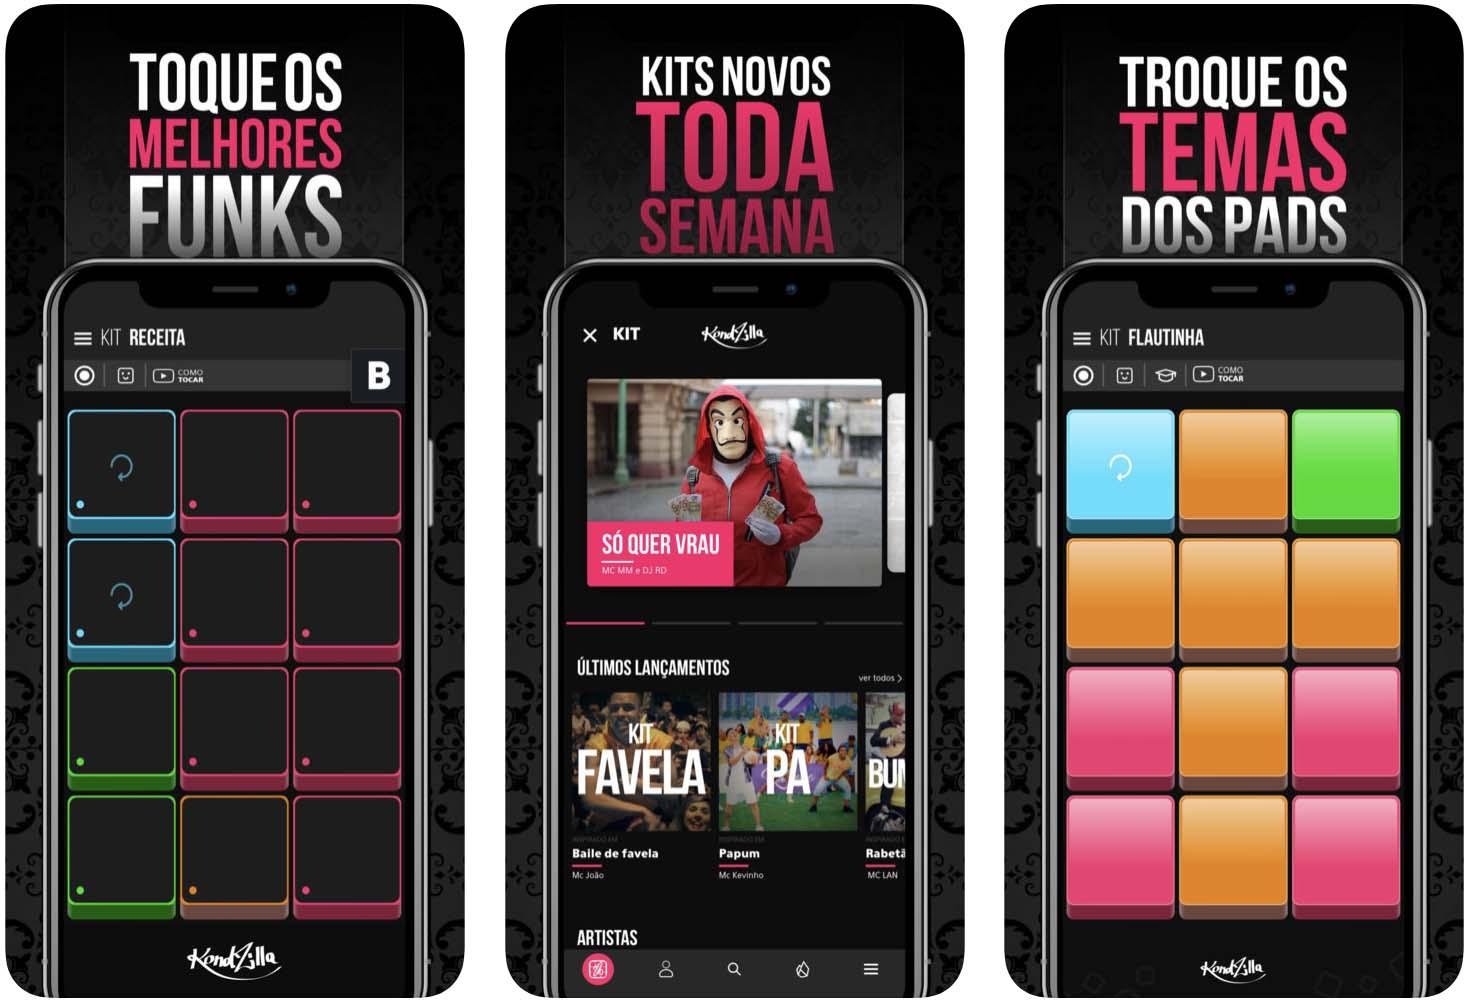 - Super pads - Os melhores apps da semana para iPad e iPhone